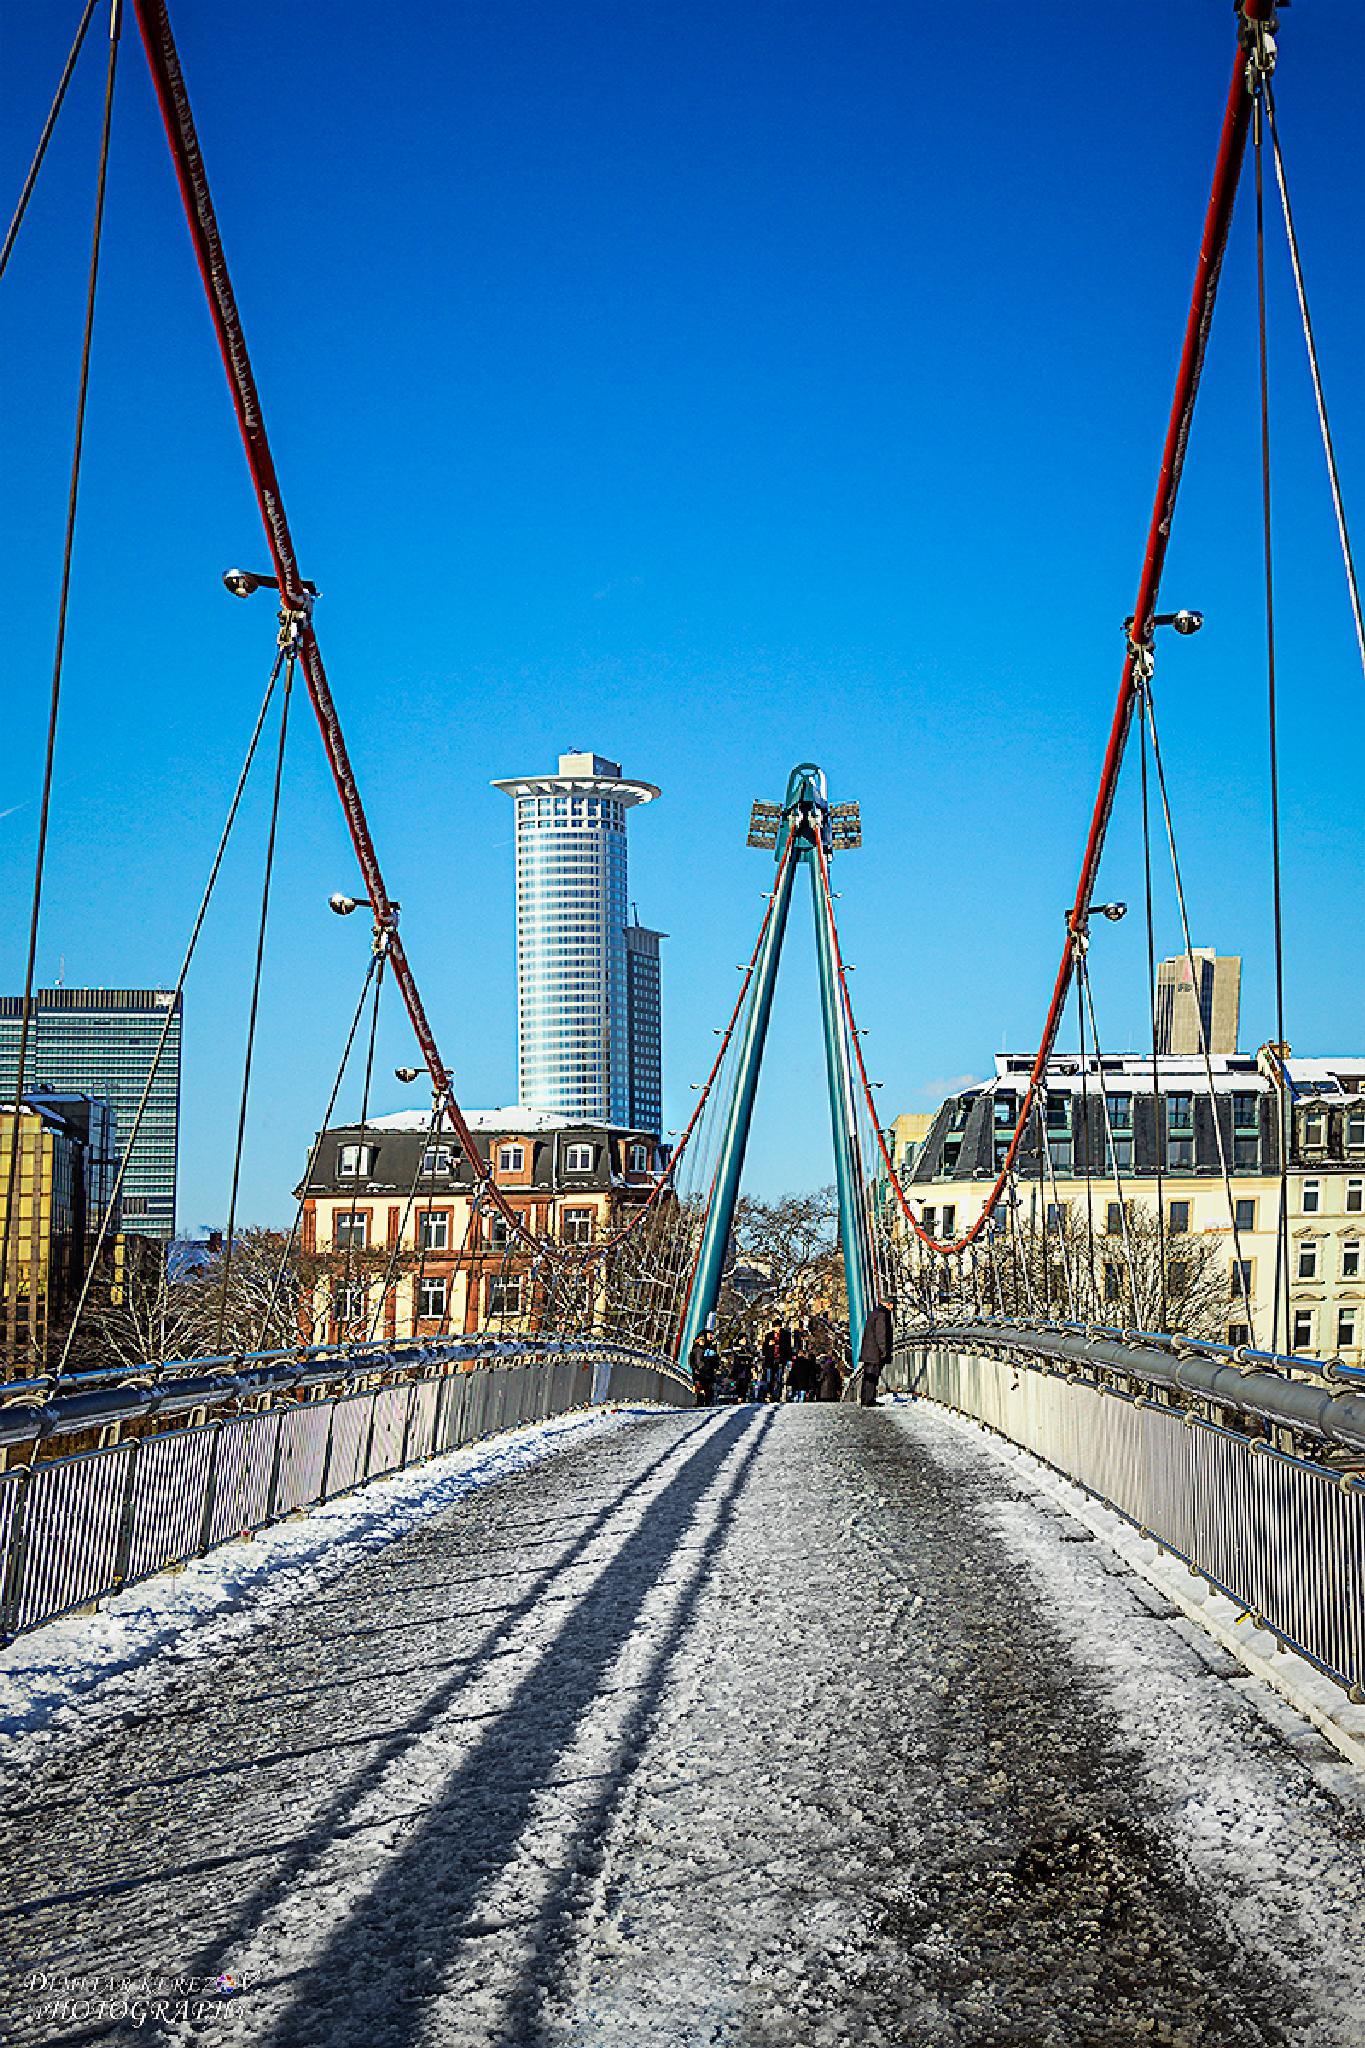 Frankfurt Am Main by Dimitar Kerezov